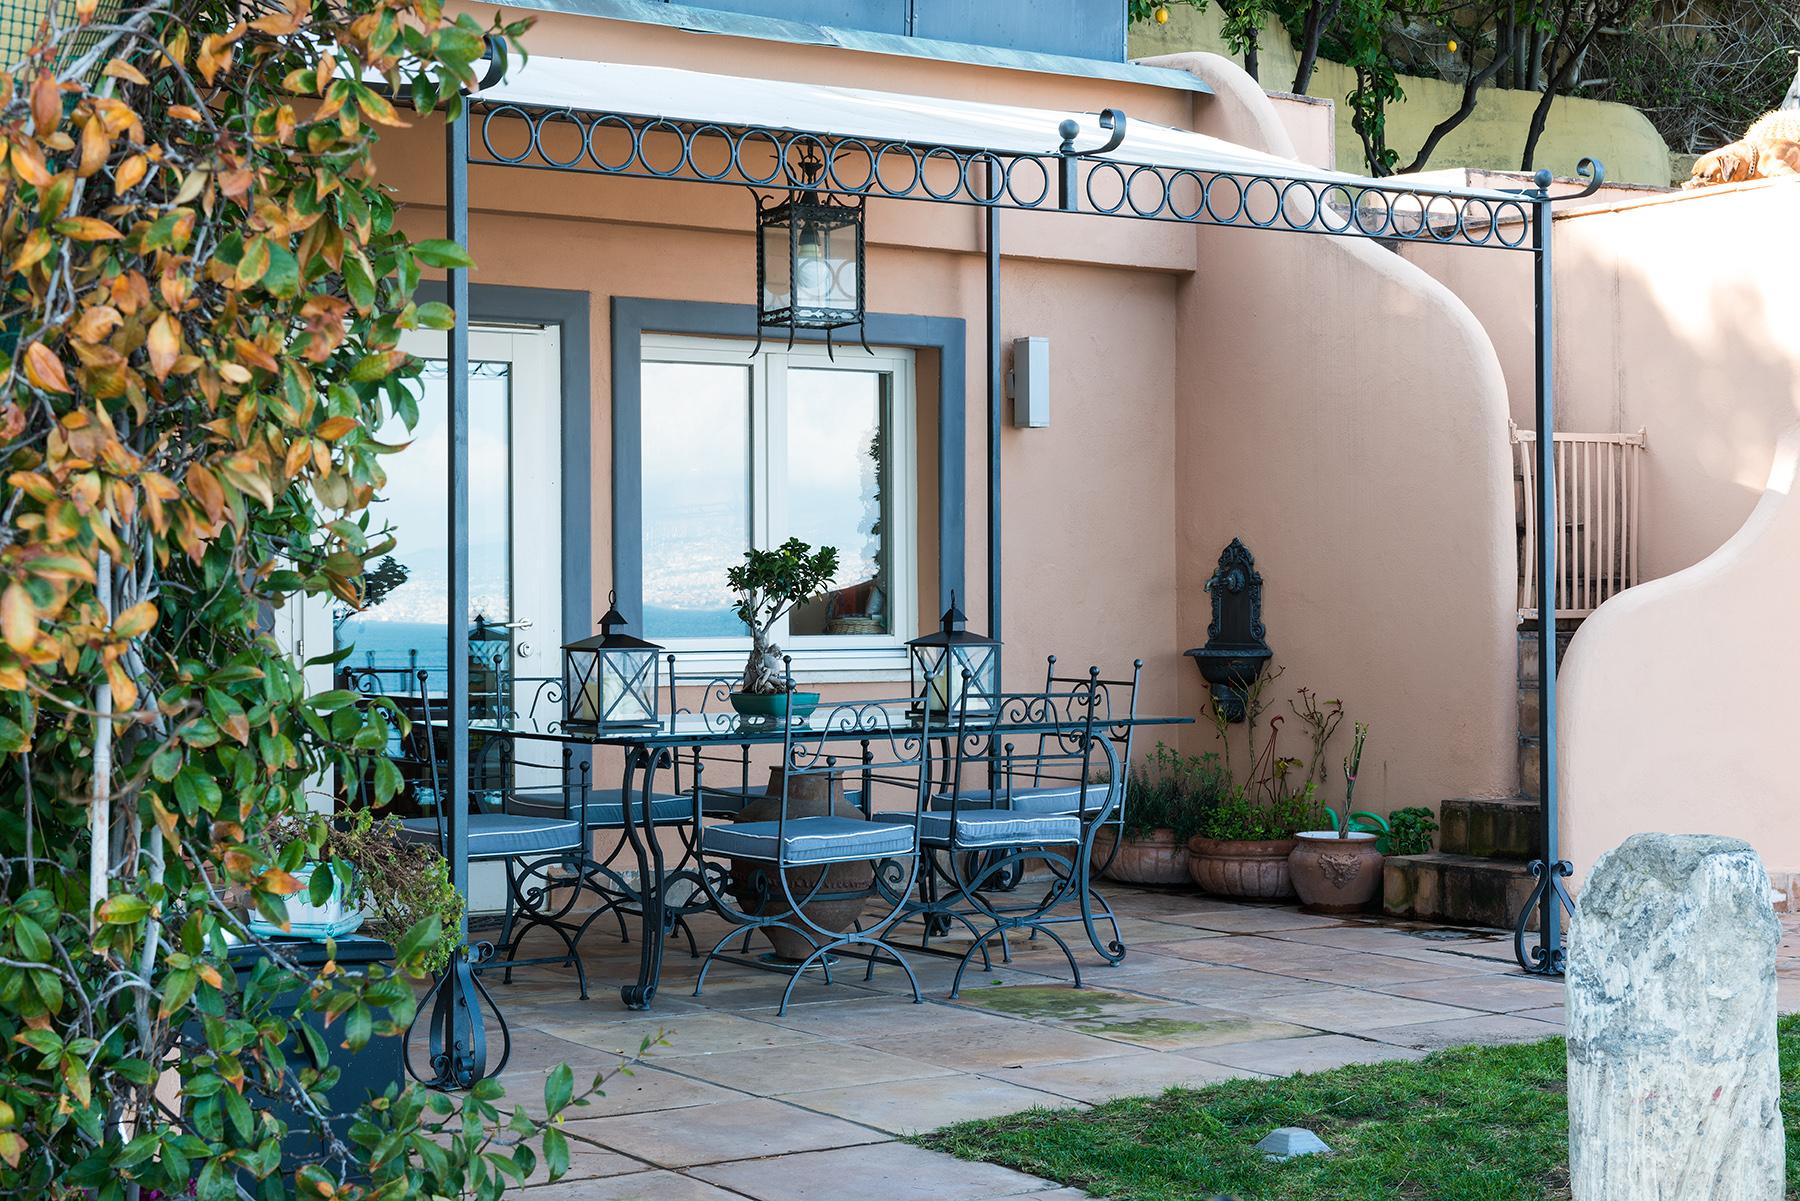 Villa in Vendita a Napoli: 5 locali, 220 mq - Foto 25